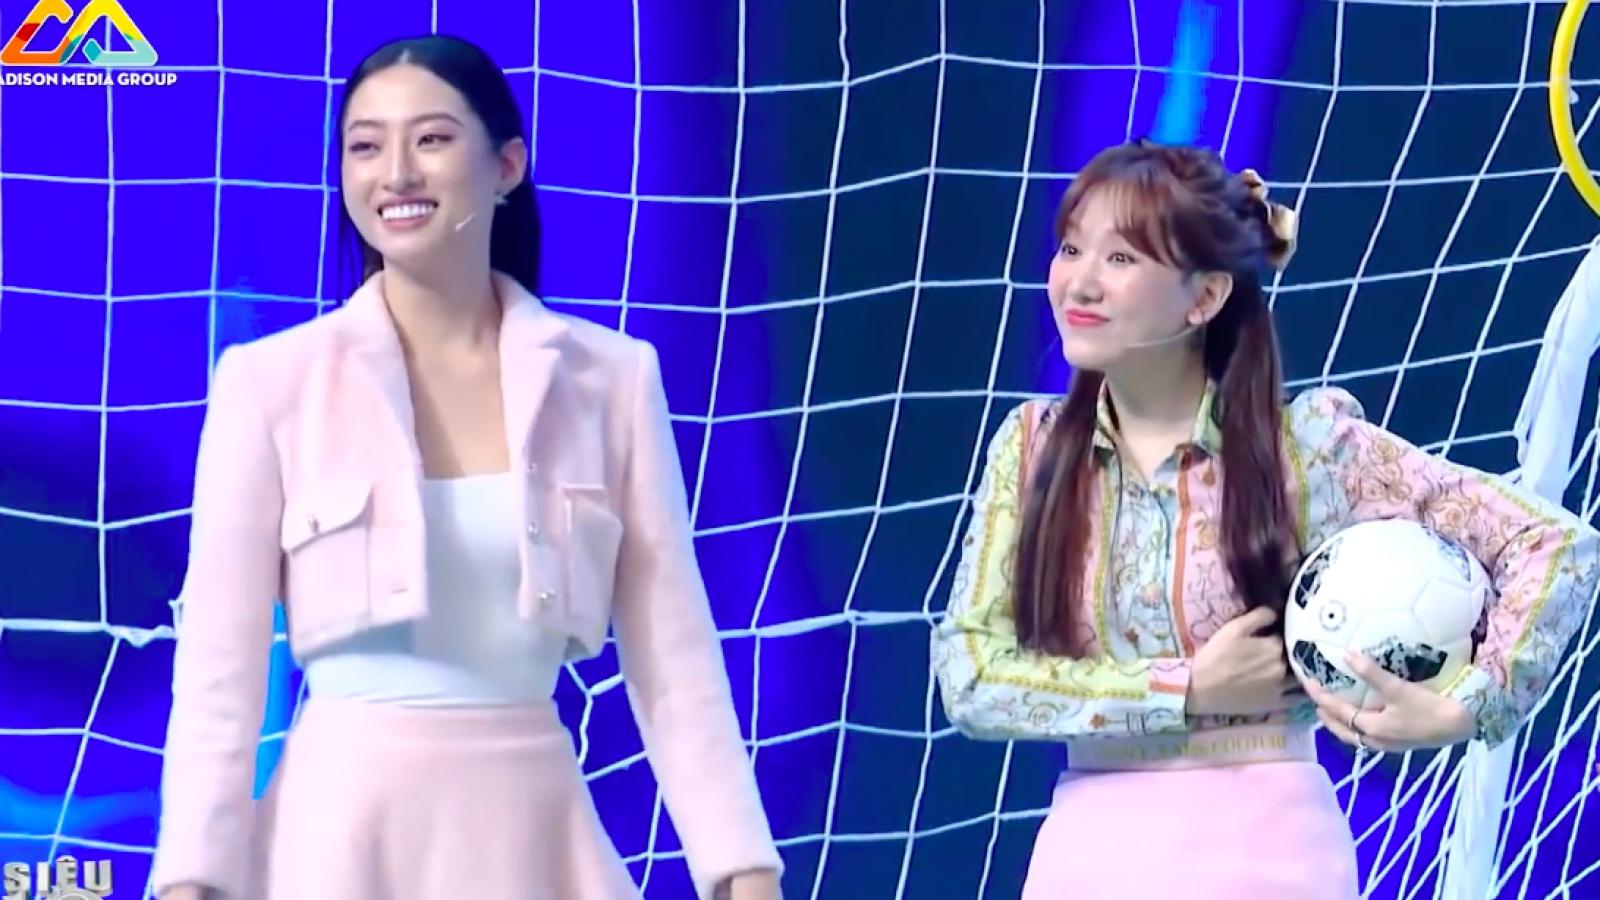 Trấn Thành bất lực với màn mặc váy ngắn đá bóng của Lương Thùy Linh và bà xã Hari